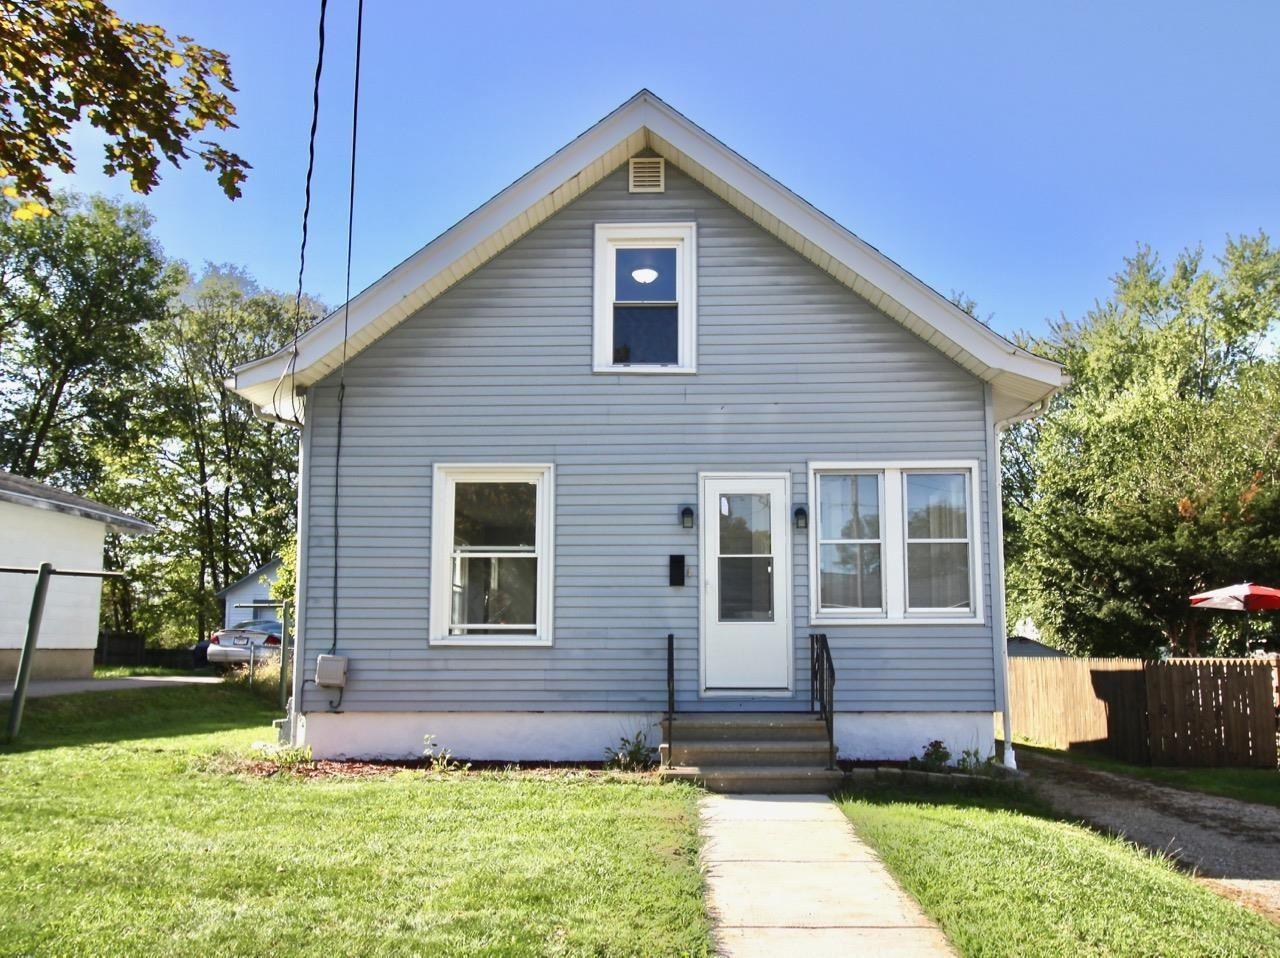 1226 Garfield Ave, Beloit, WI 53511 - #: 1922096